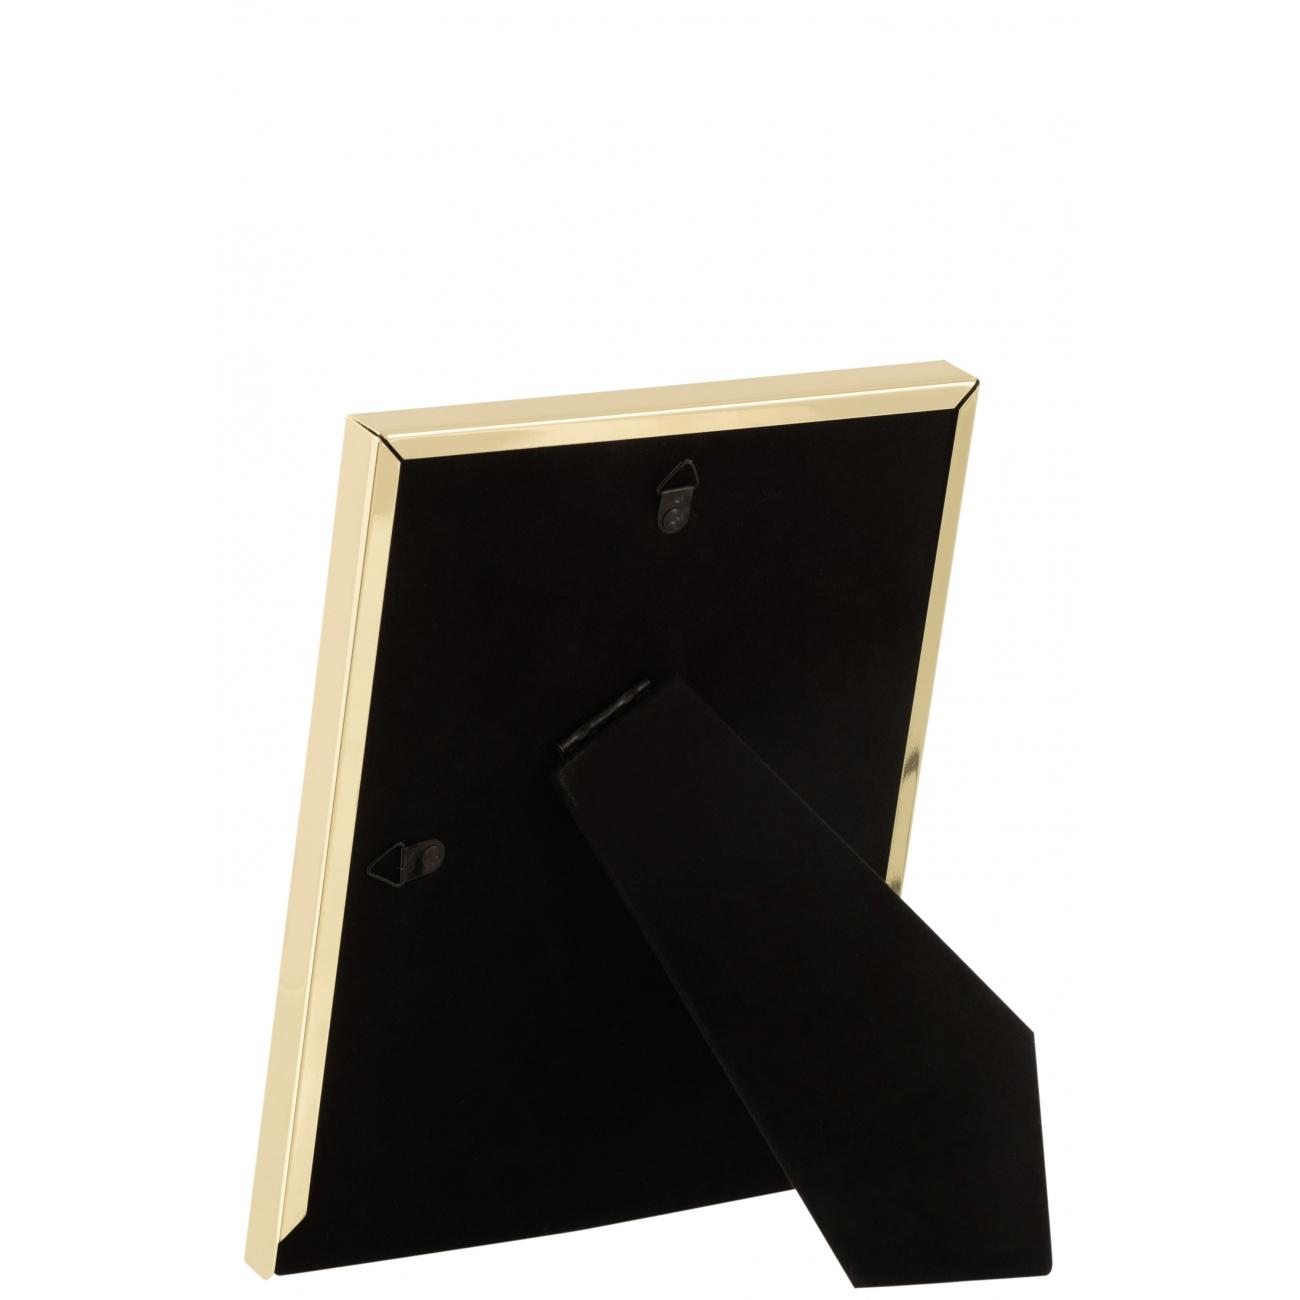 Фоторамка J-LINE металлическая зеркальная золотого цвета 20x25 см Бельгия